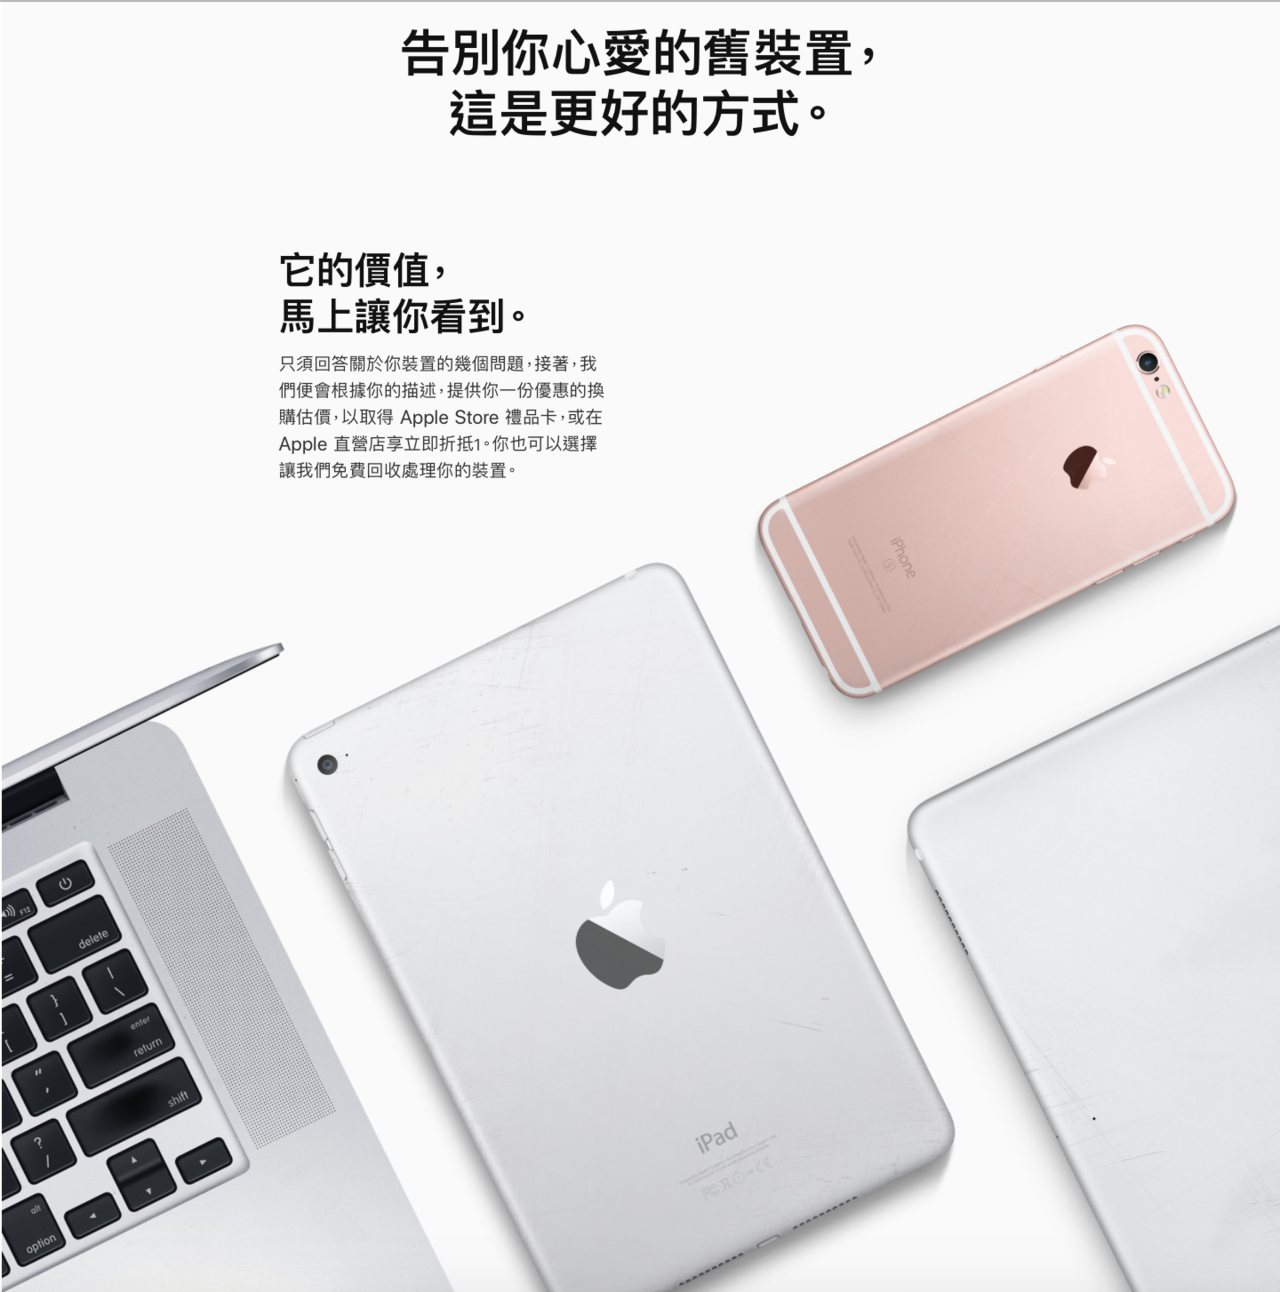 現在在蘋果台灣官網上也可以看到詳細換購資訊,iPhone Xs Max最高可折抵...